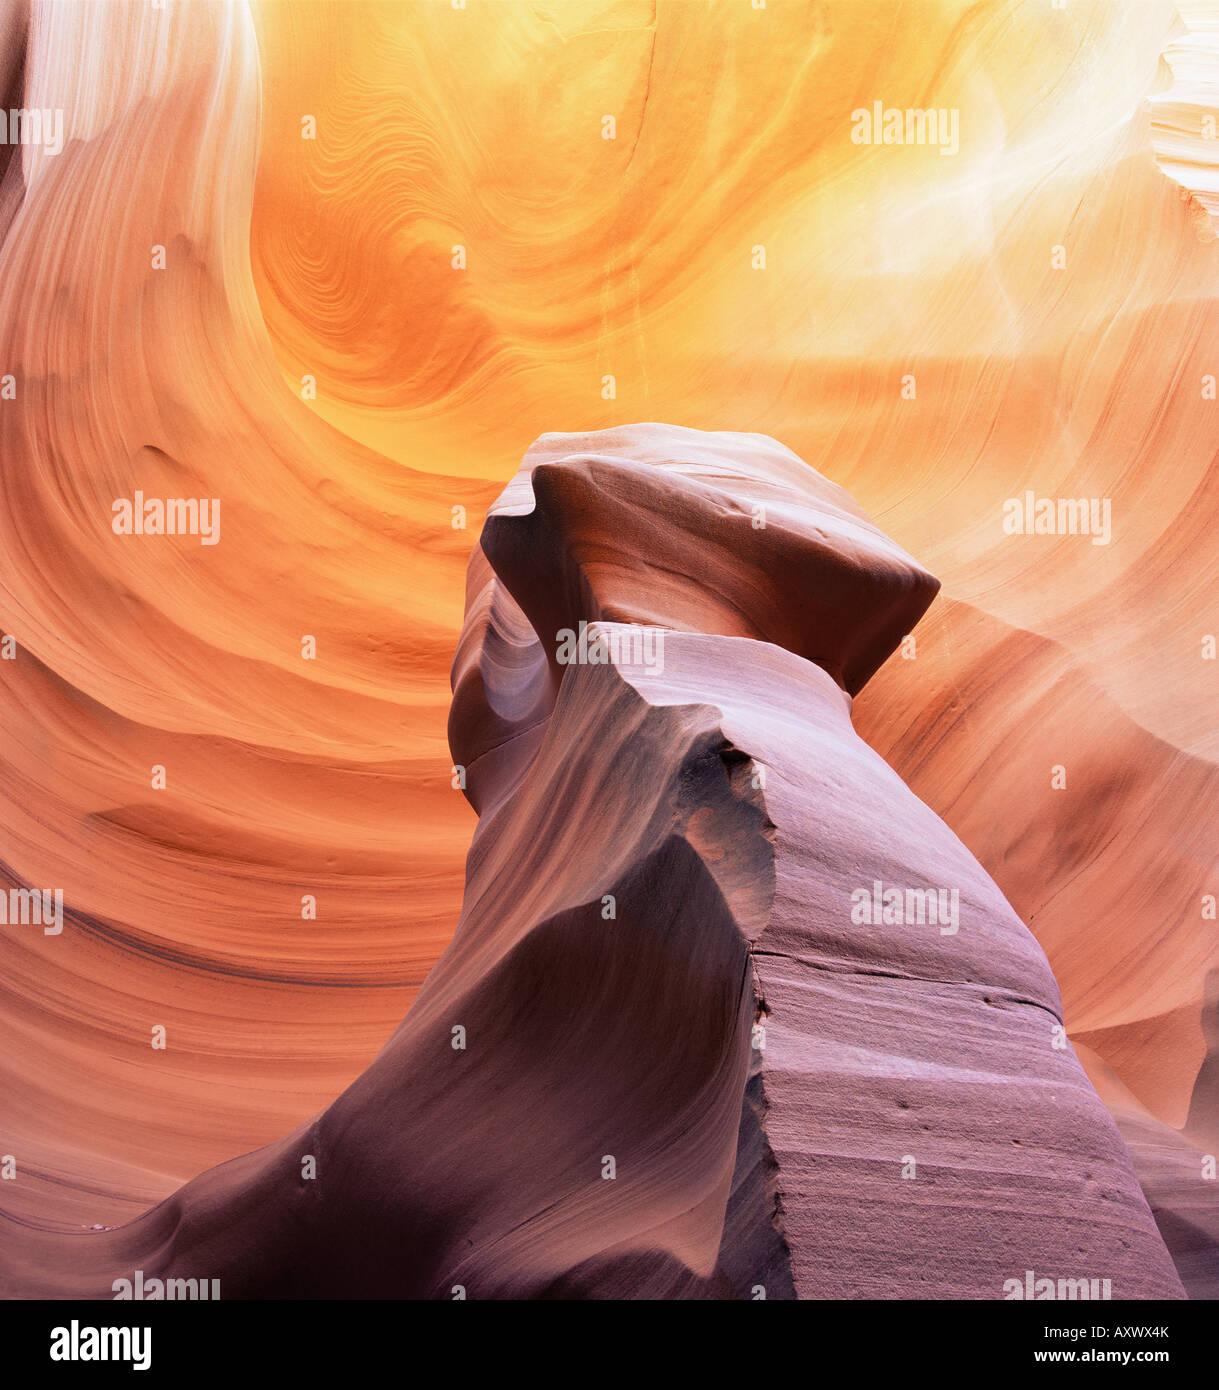 Pilar de pedra na fina Lizy Canyon, um slot canyon, Arizona, Estados Unidos da América (EUA), América Imagens de Stock